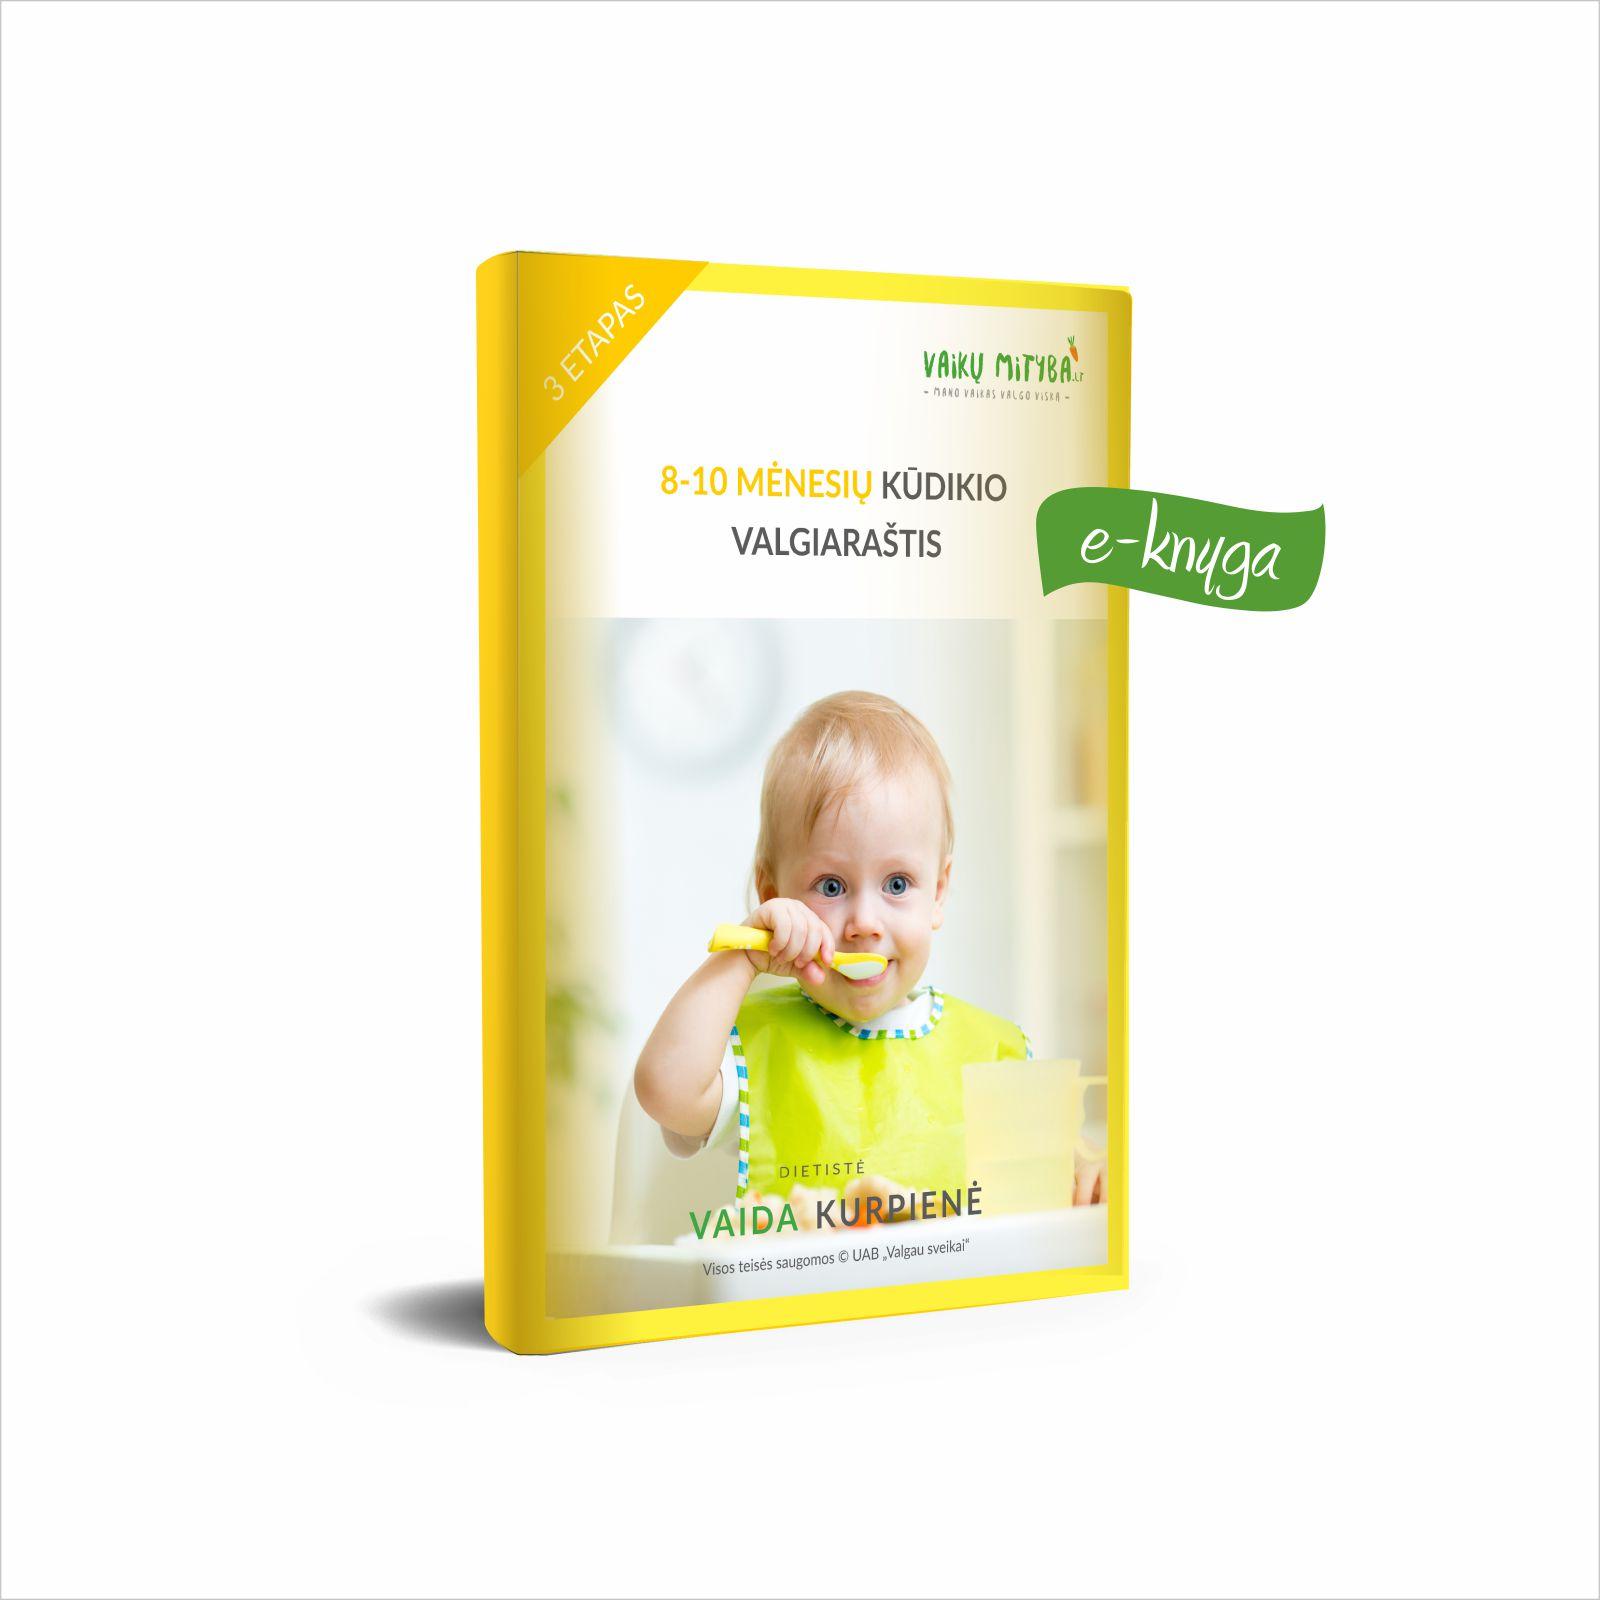 8-10 mėnesių kūdikio valgiaraštis (e-knyga) - Vaida Kurpienė